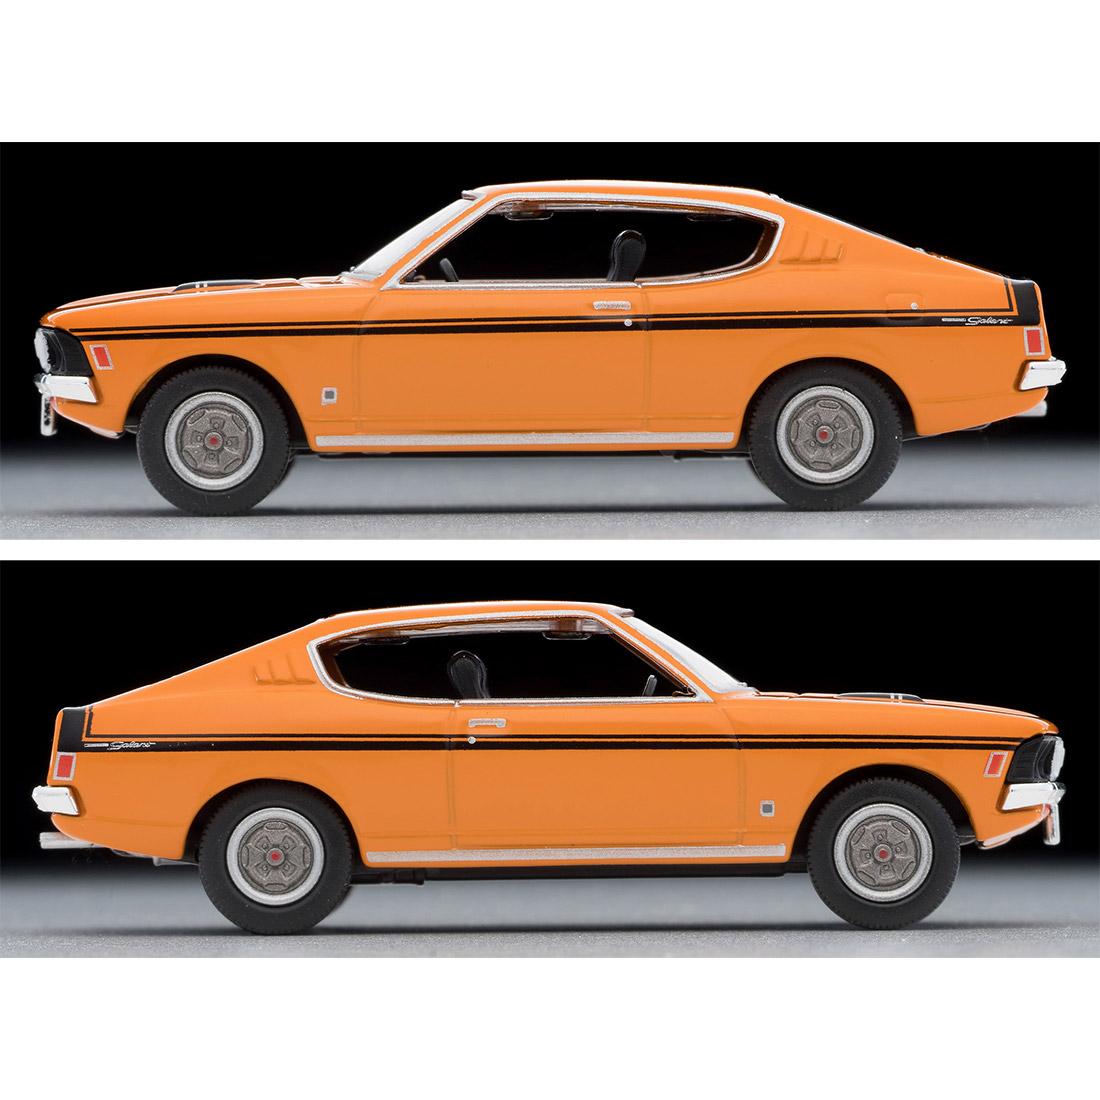 トミカリミテッドヴィンテージ ネオ LV-N204a『コルトギャランGTO MR(橙)』1/64 ミニカー-006